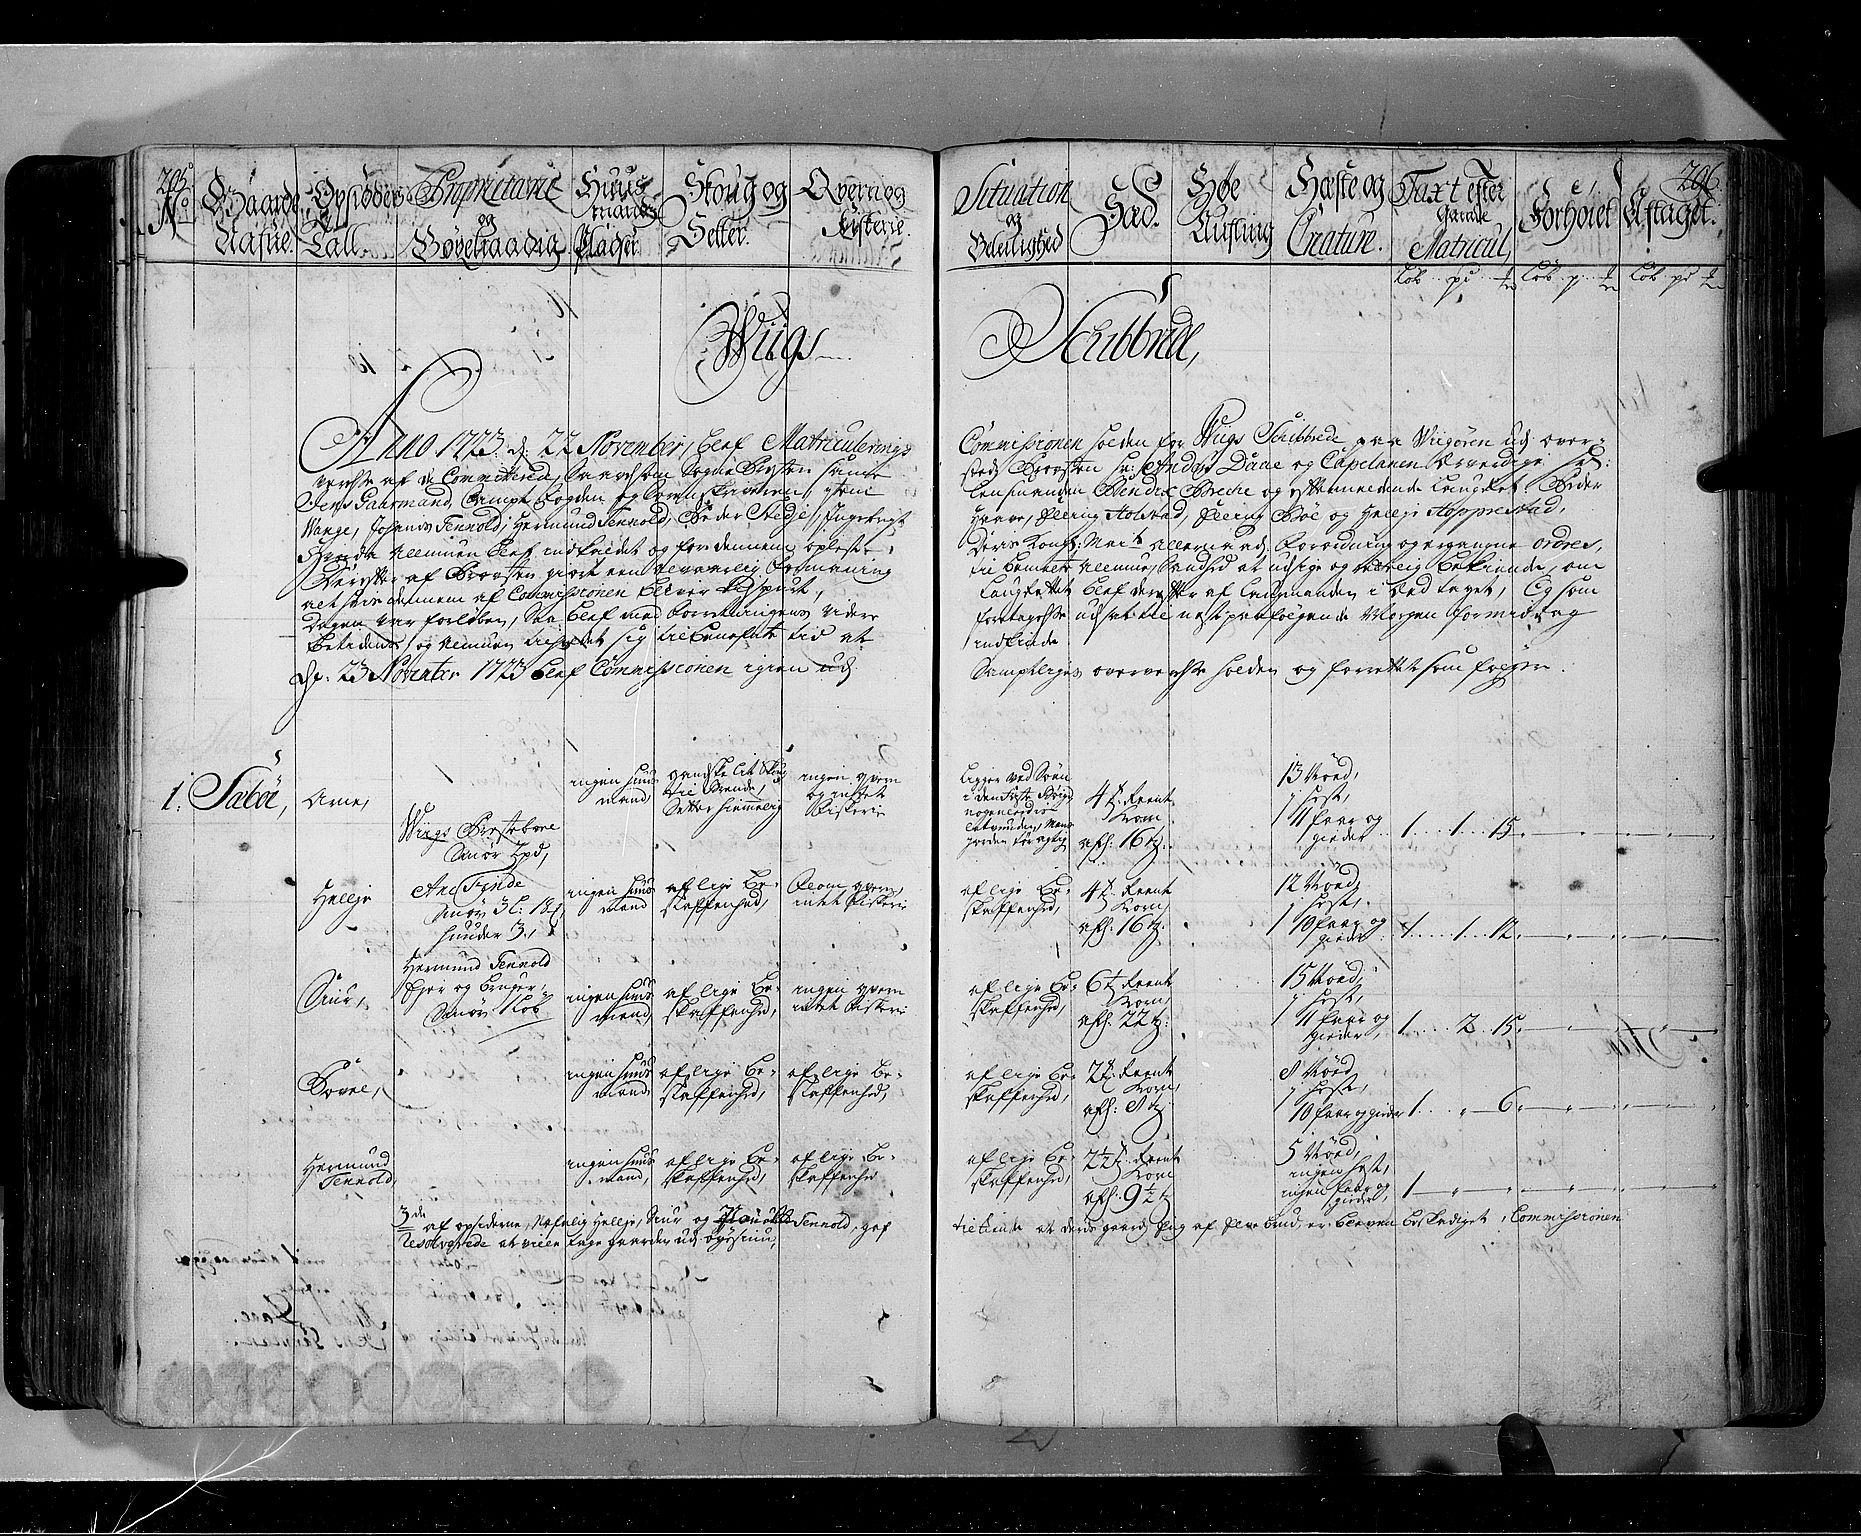 RA, Rentekammeret inntil 1814, Realistisk ordnet avdeling, N/Nb/Nbf/L0143: Ytre og Indre Sogn eksaminasjonsprotokoll, 1723, s. 205-206